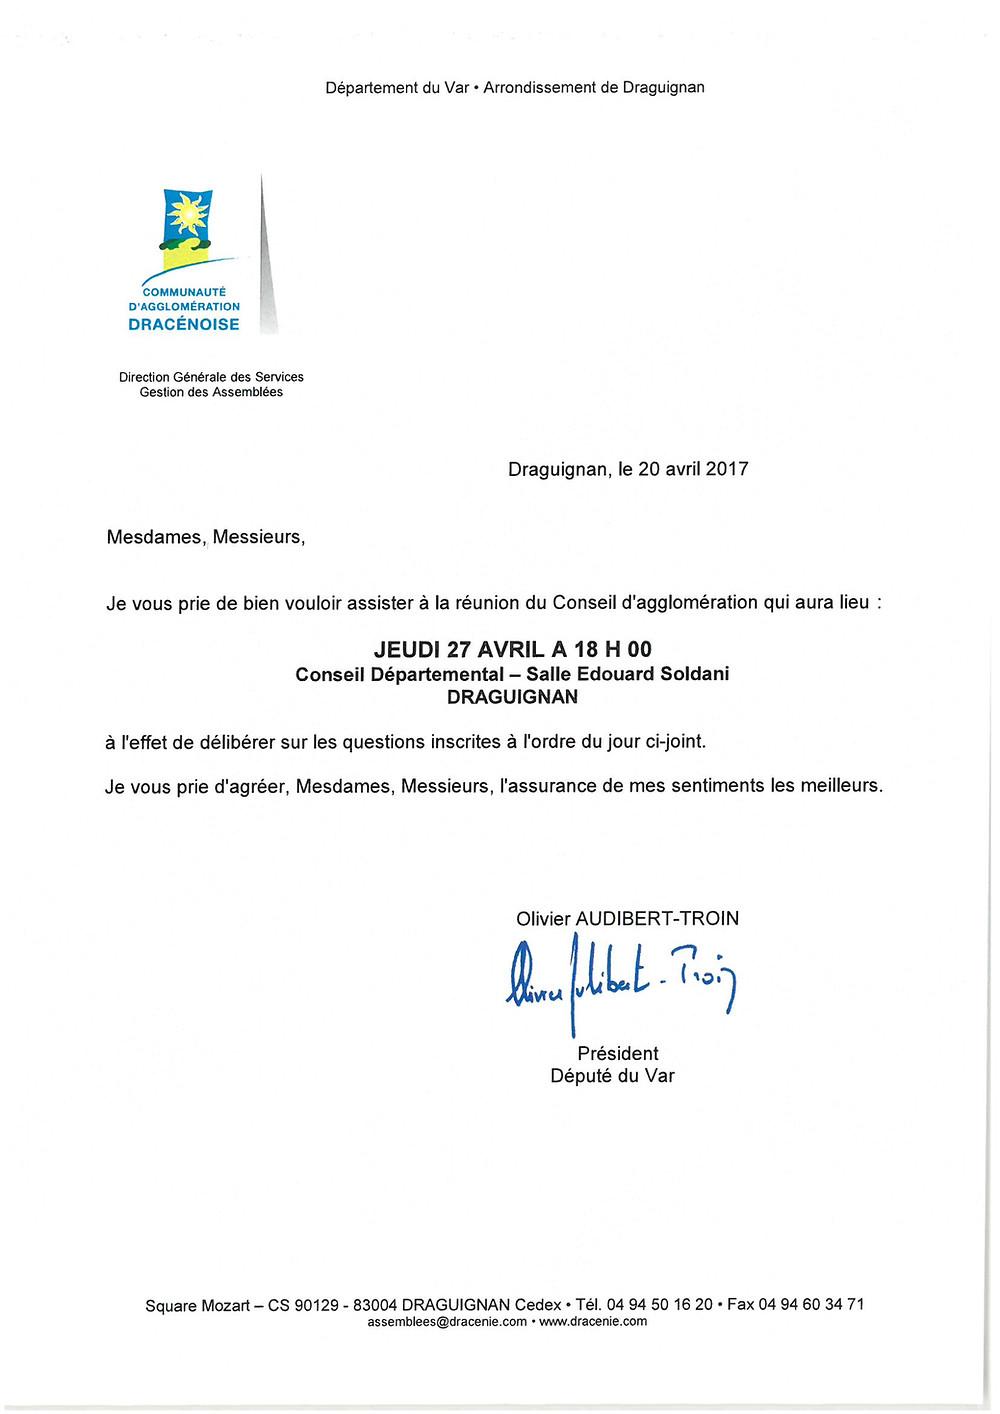 Vous trouverez ci-joint l'ordre du jour relatif à la prochaine séance du Conseil d'agglomération, qui se déroulera le : JEUDI 27 AVRIL 2017 A 18H00 Conseil Départemental de Draguignan, Salle Édouard Soldani.